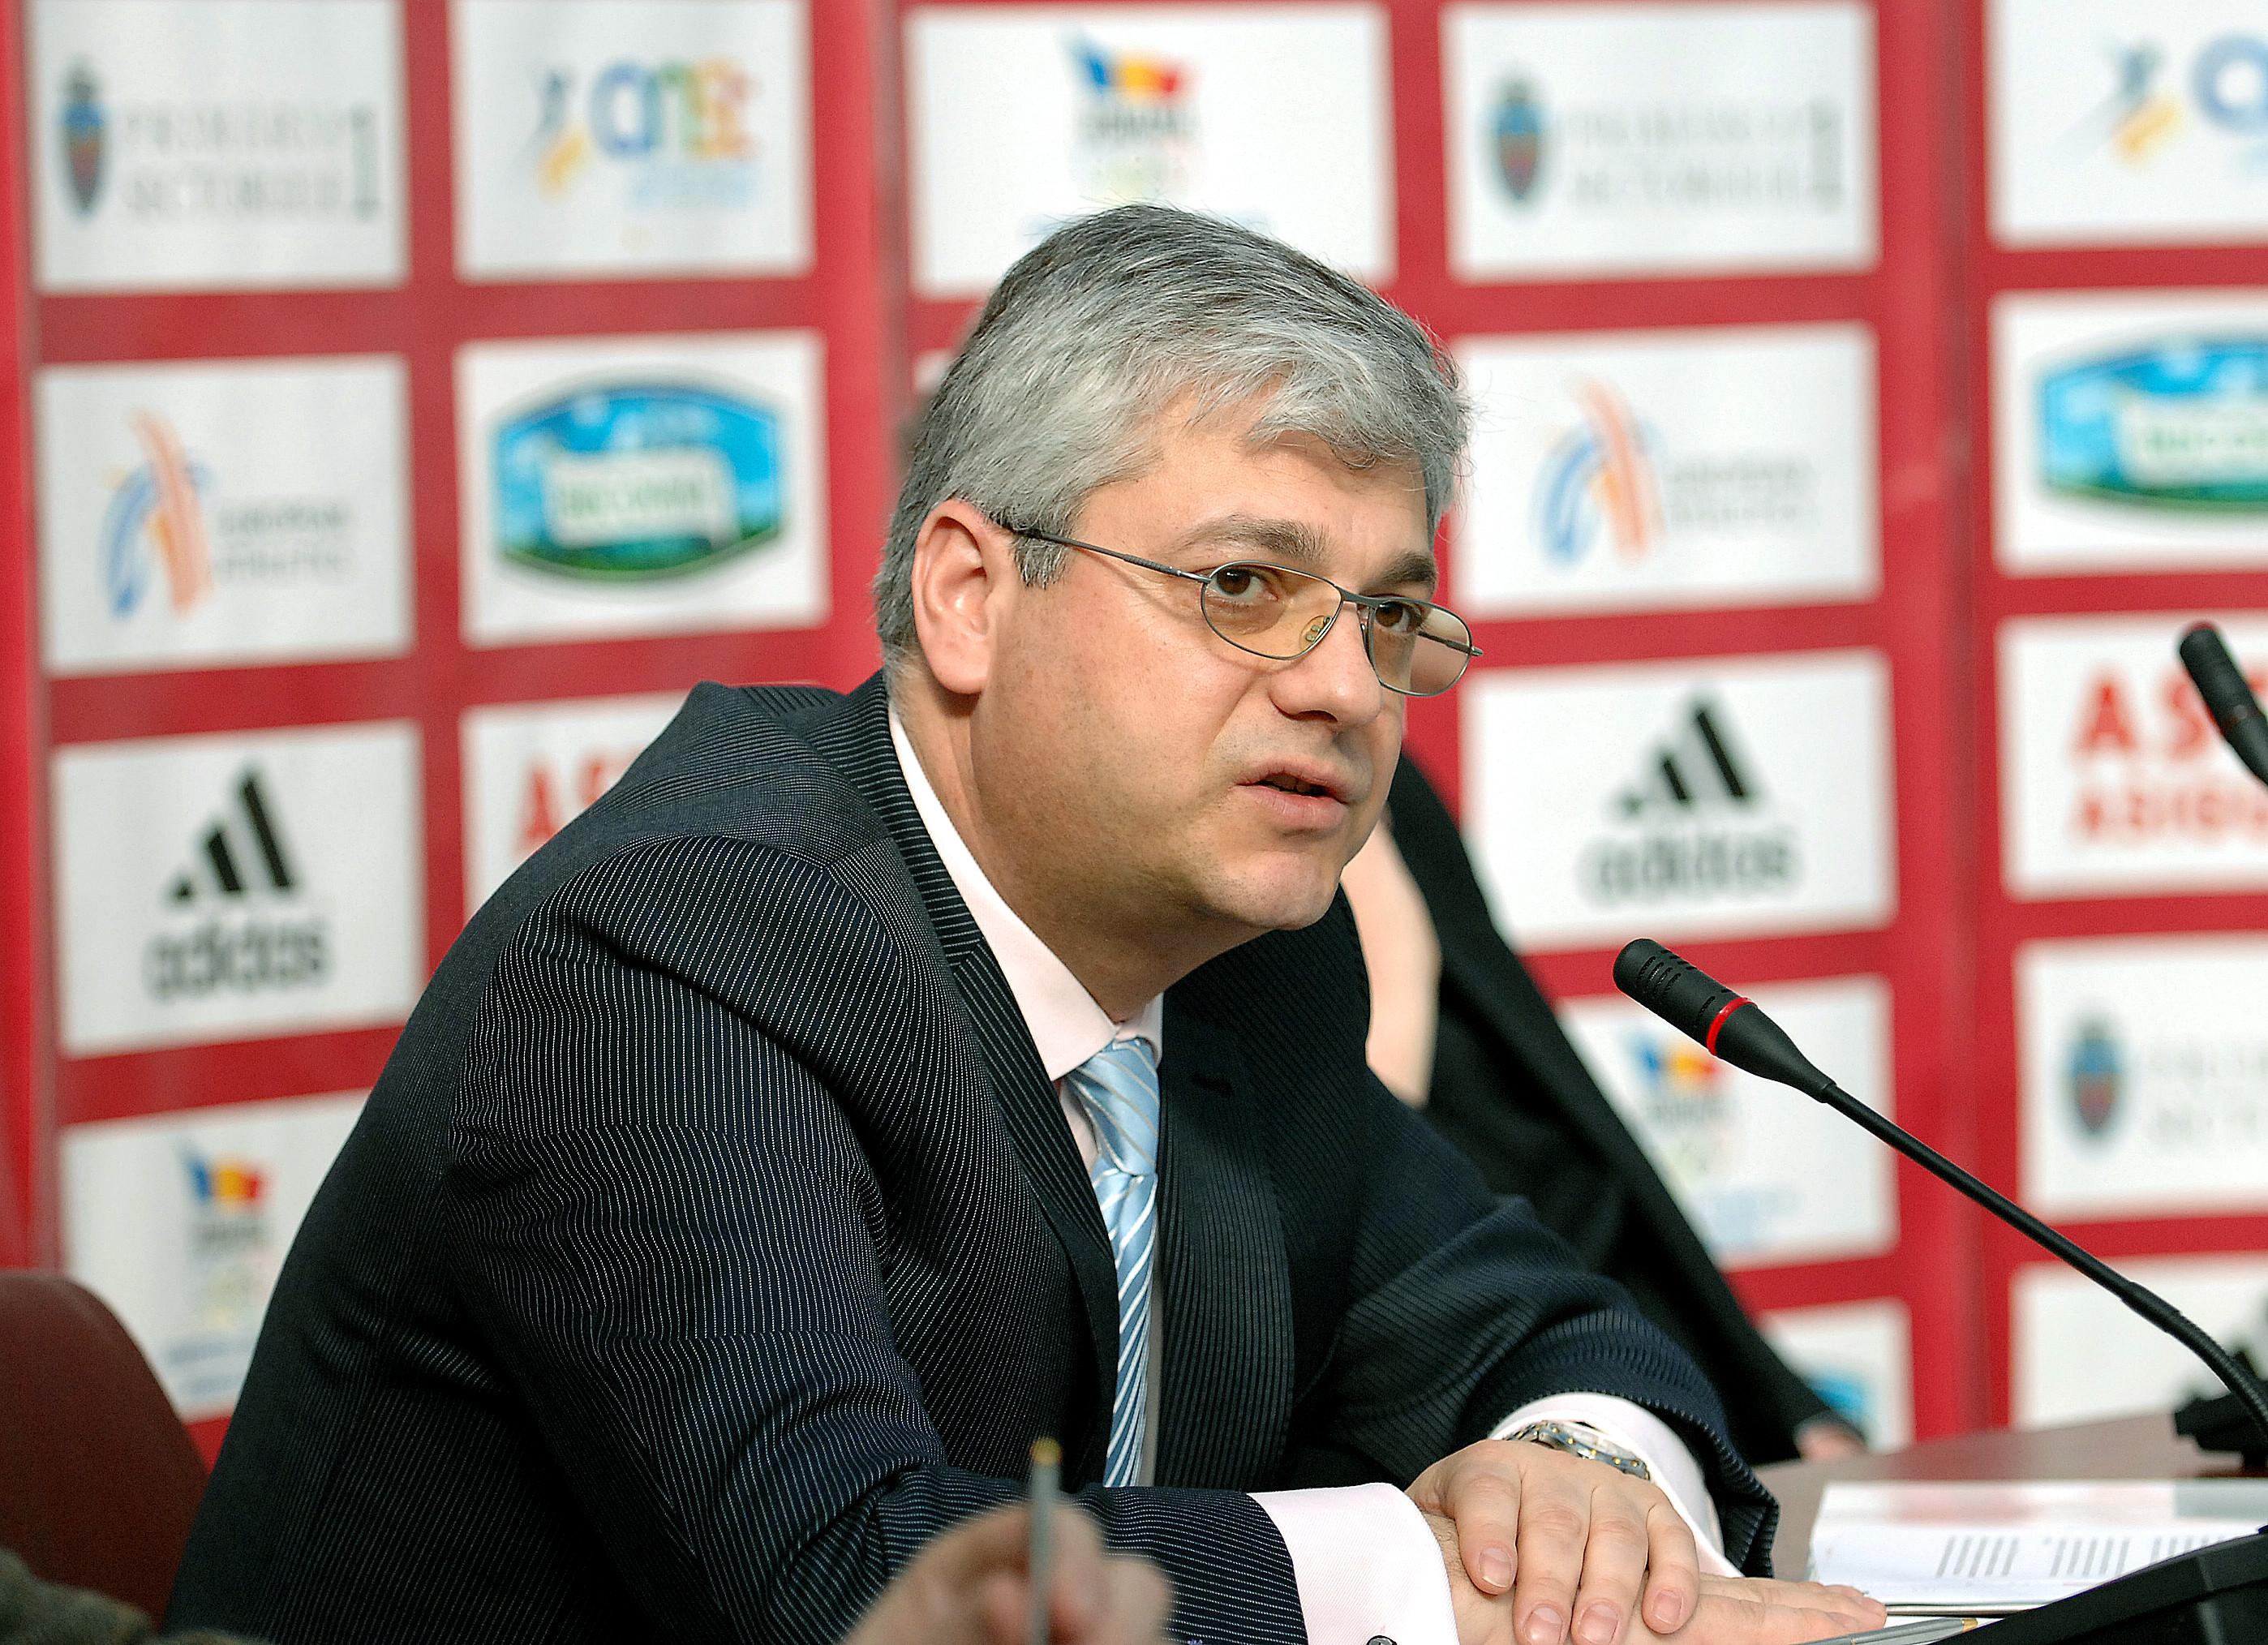 Fostul preşedinte al Astra Asigurări Radu Mustăţea, condamnat la 4 ani şi 8 luni închisoare pentru delapidare